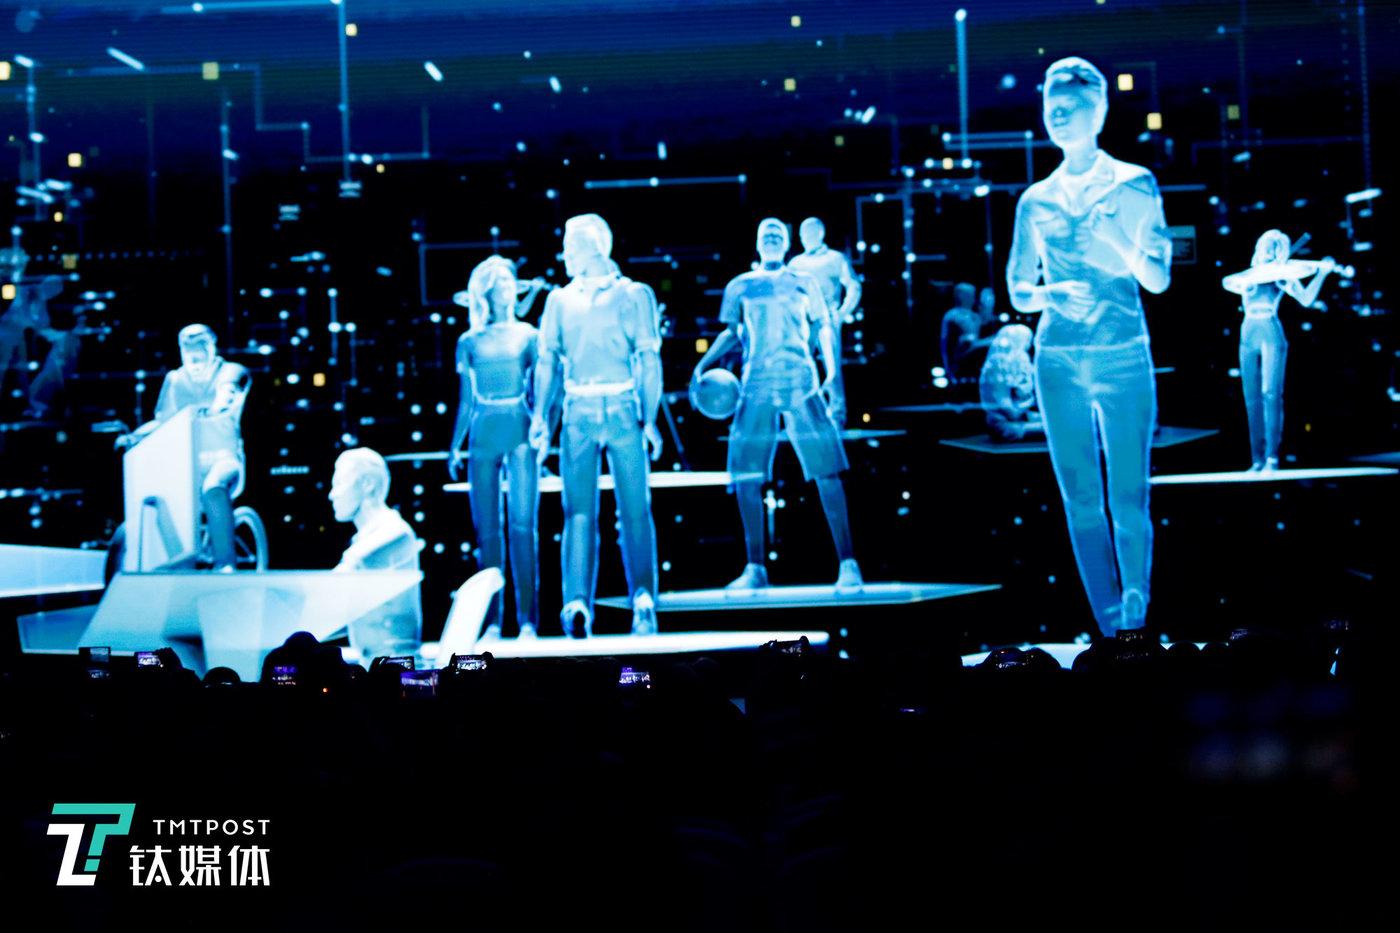 第五届世界互联网大会现场,题图来自钛媒体摄影师陈拯